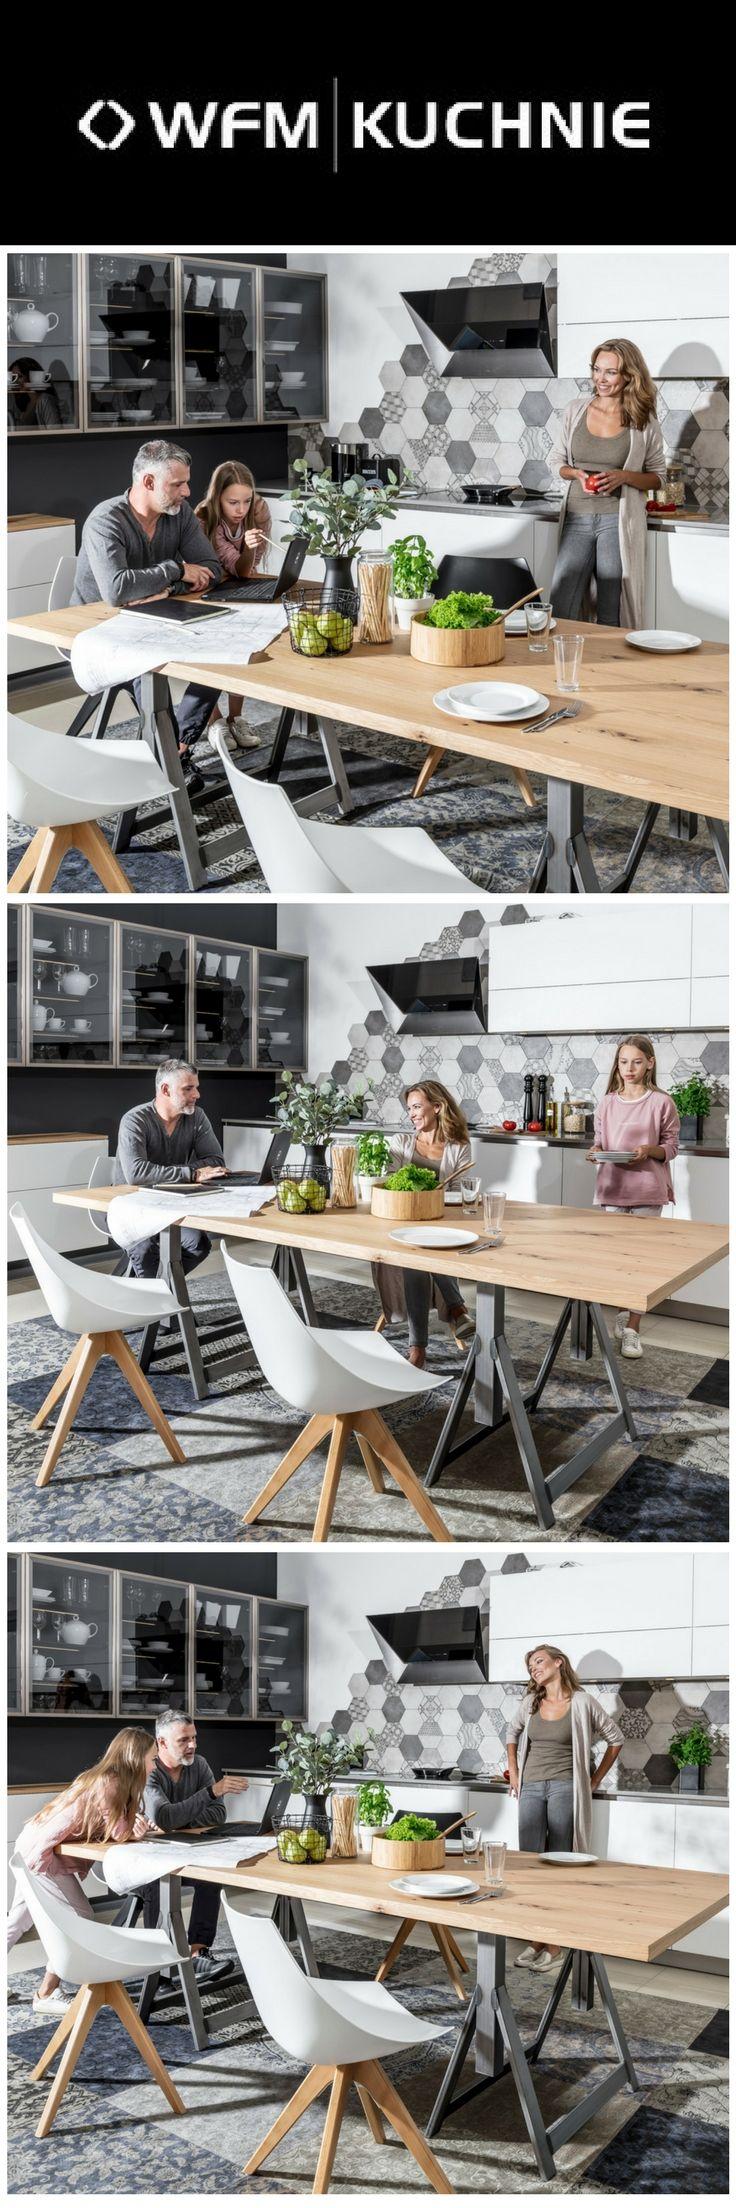 Kuchnia jako serce domu i miejsce spotkań domowników. Kuchnia marki WFM KUCHNIE. Program CALMA biały.